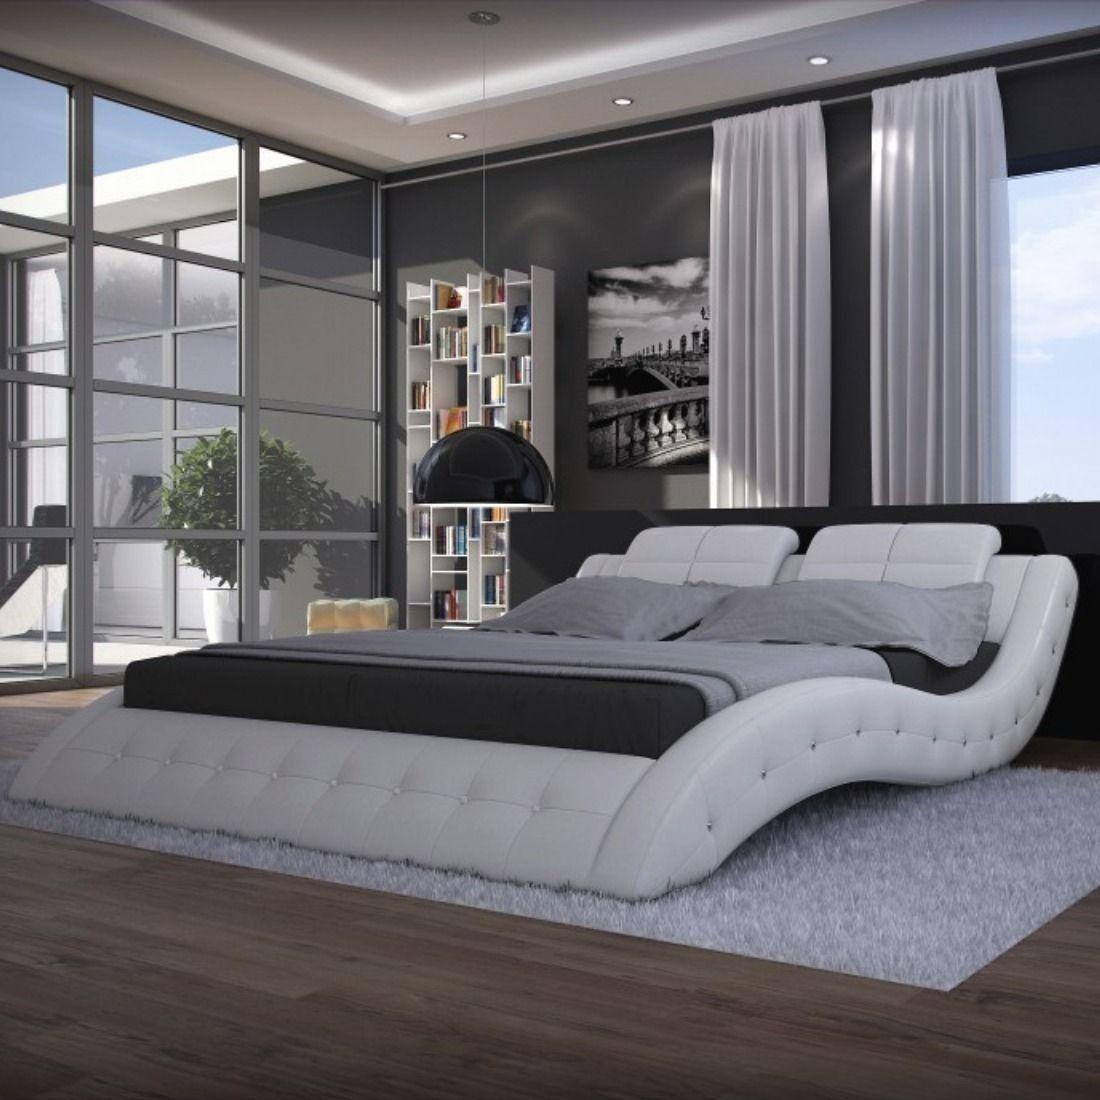 Luxus Schlafzimmer Komplett Zahra Style Luxusschlafzimmer Bett Design Modern Bett Kopfteil Design